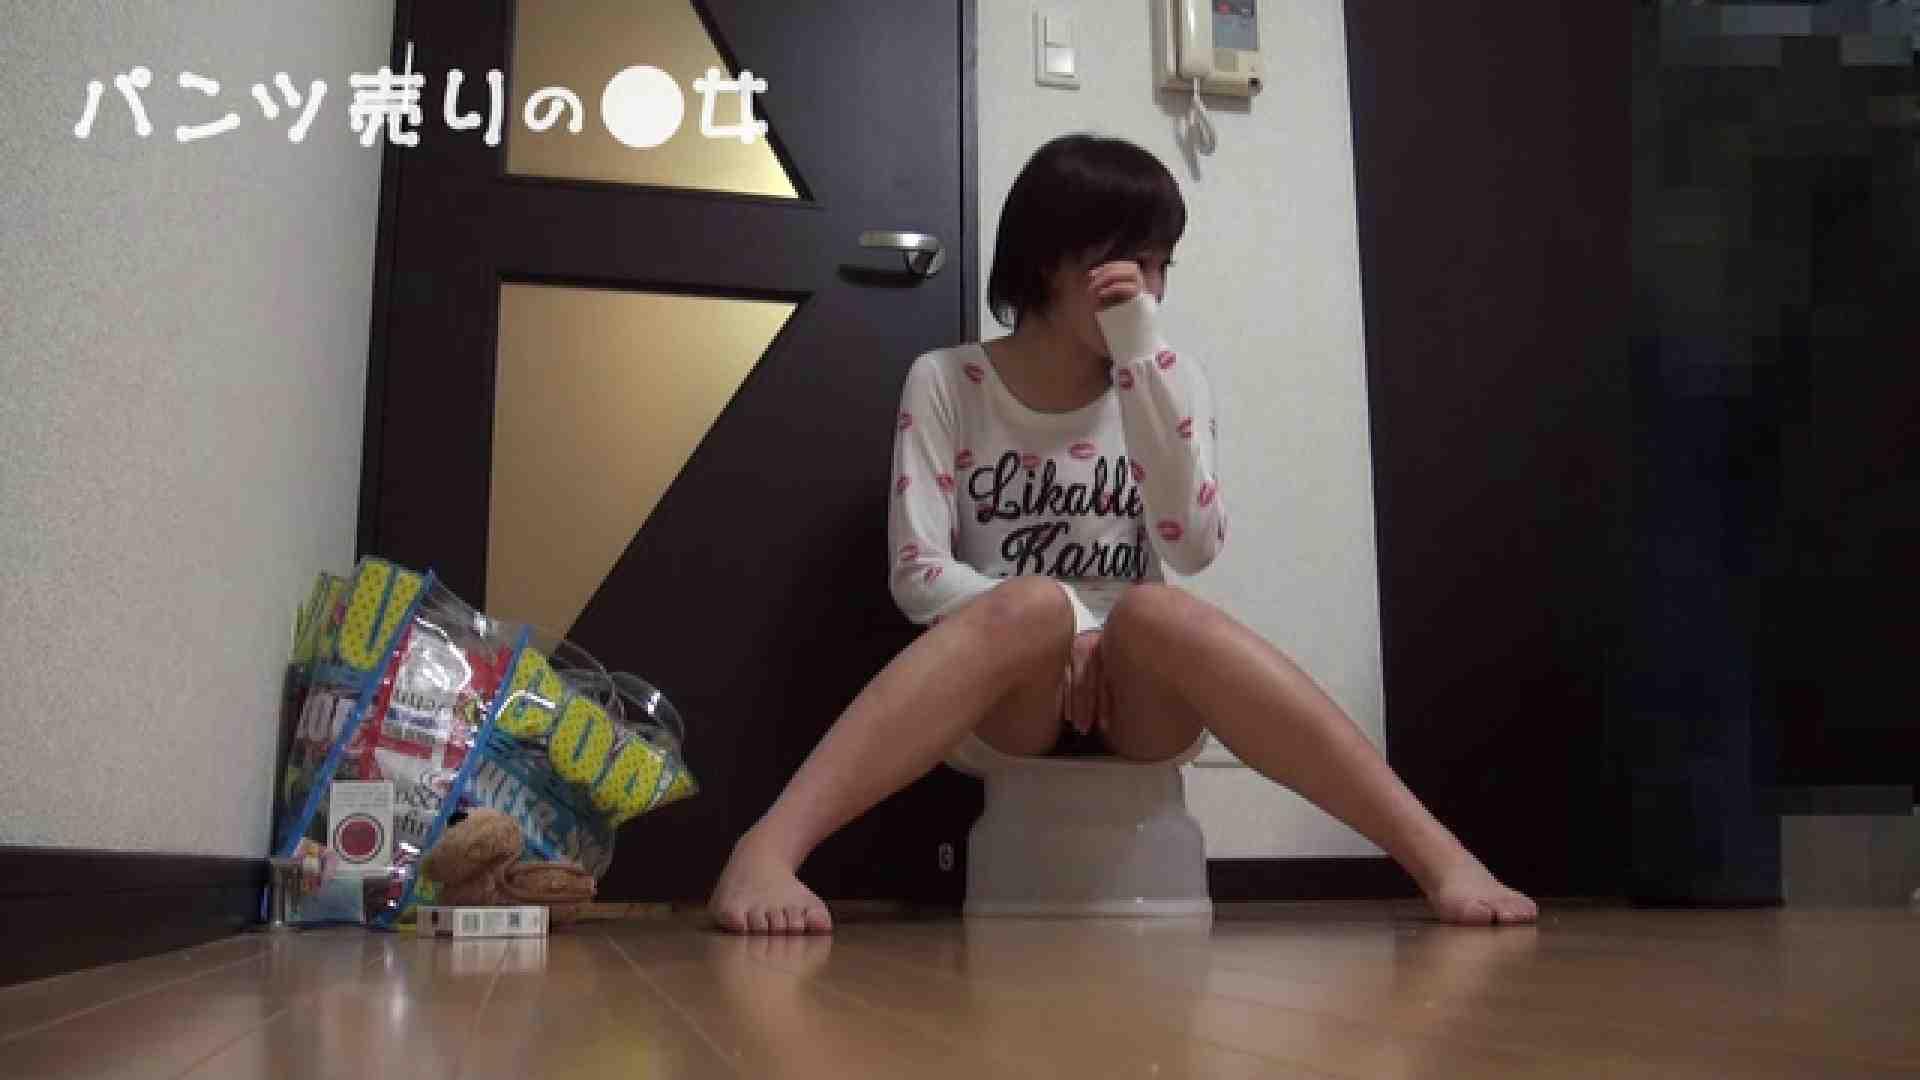 新説 パンツ売りの女の子nana 一般投稿  48pic 24